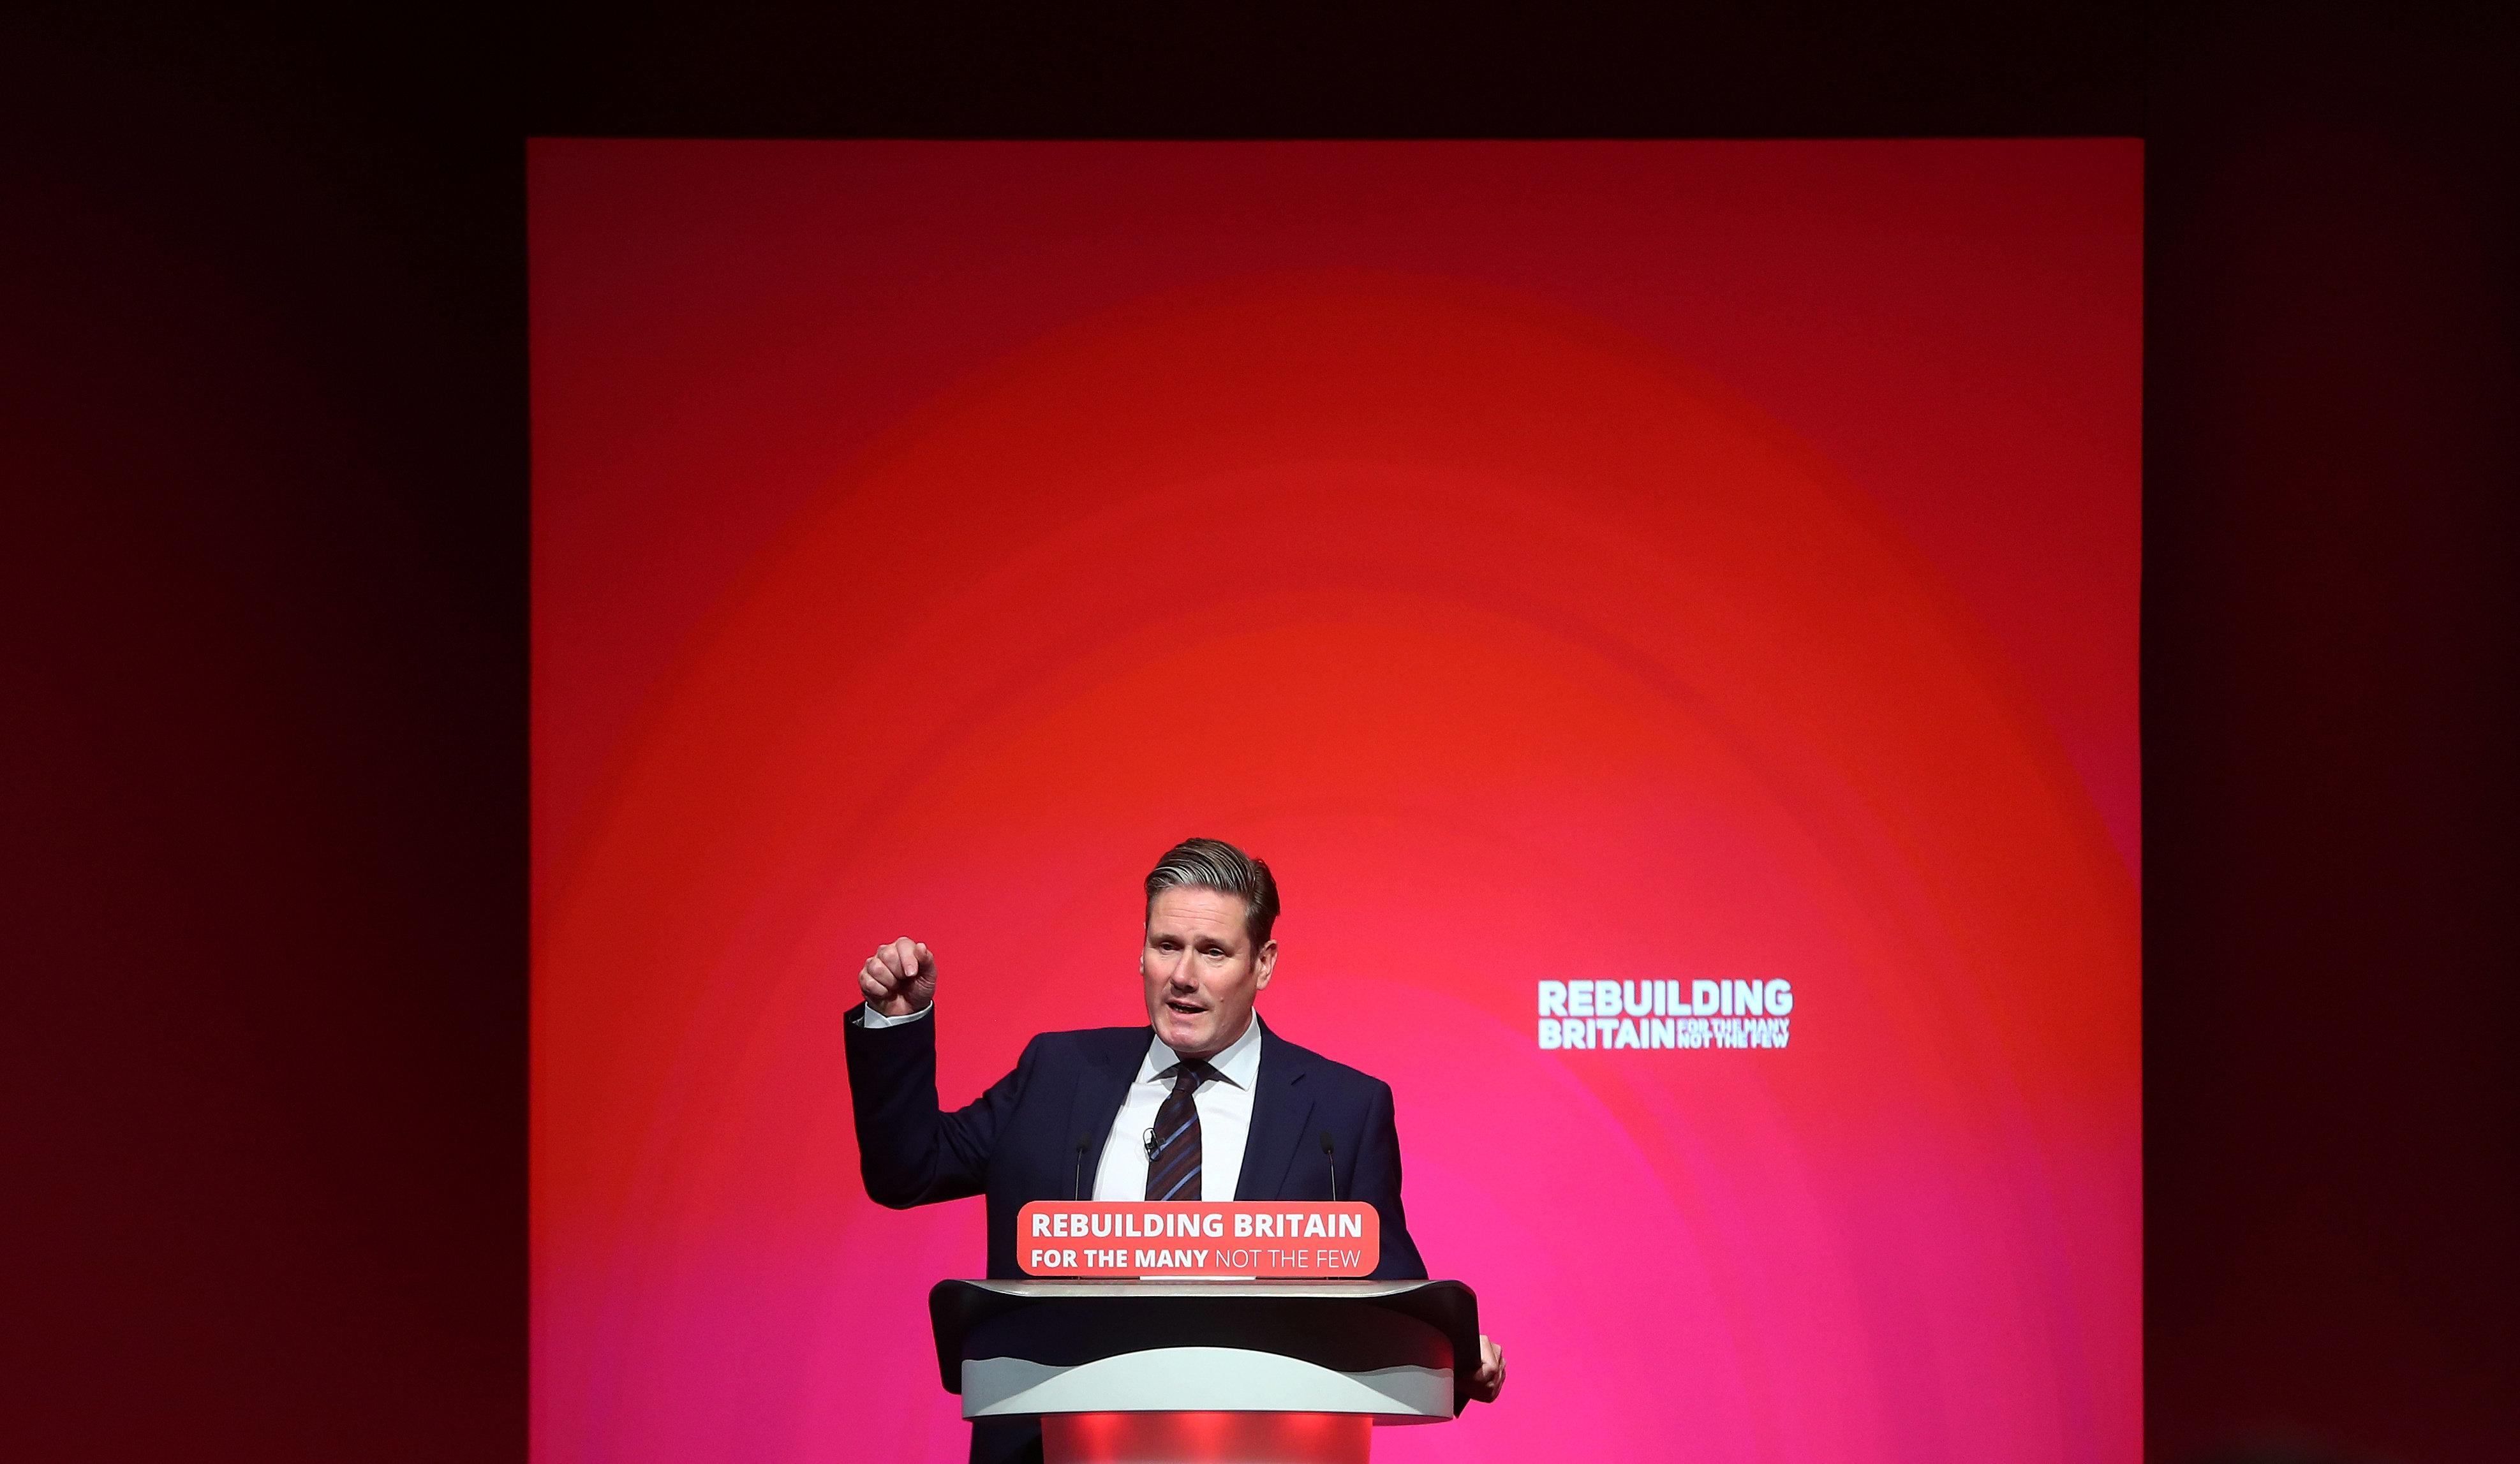 Wird der Brexit abgesagt? Labour-Politiker macht folgenschweres Versprechen